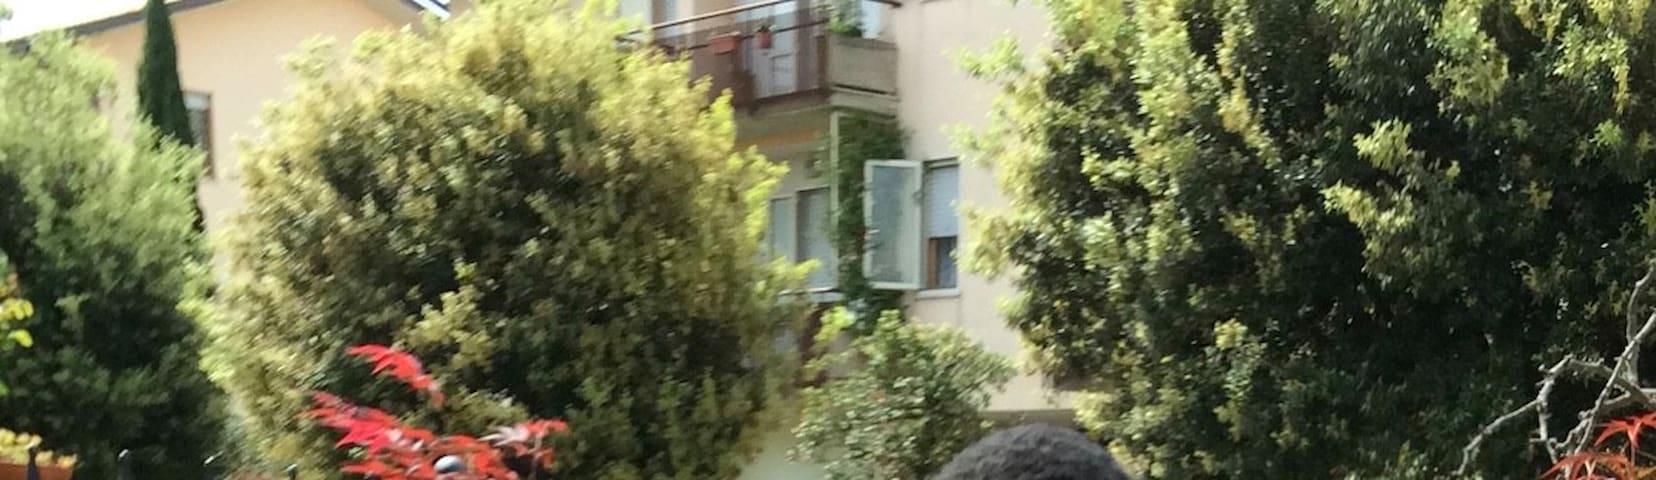 Villetta a schiera nella campagna umbra - Ripa - タウンハウス